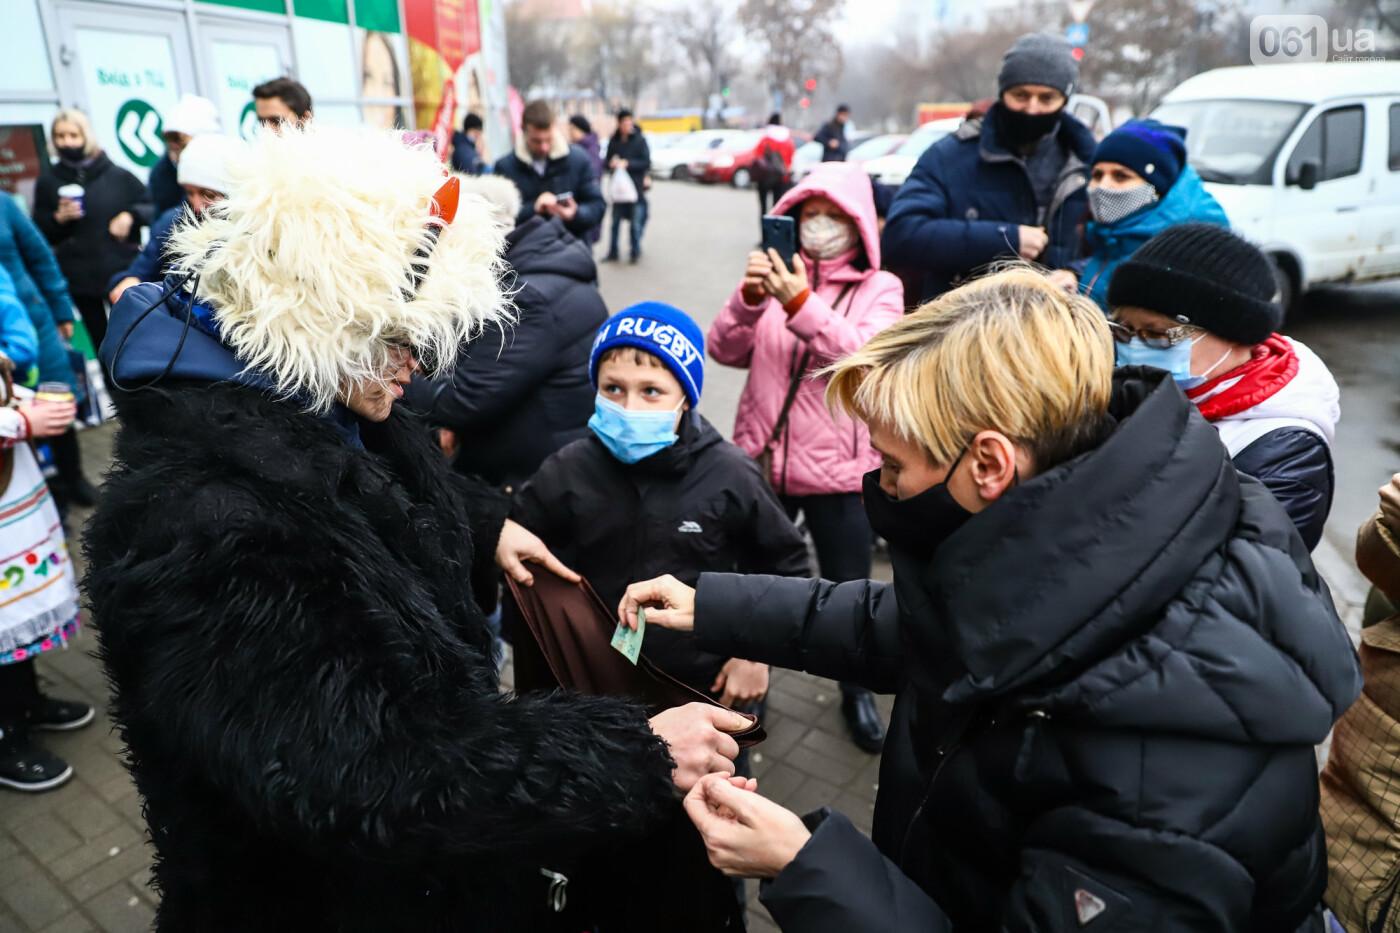 Нечистая сила против казаков: на улицах Запорожья показывали Рождественский вертеп, - ФОТО, ВИДЕО  , фото-29